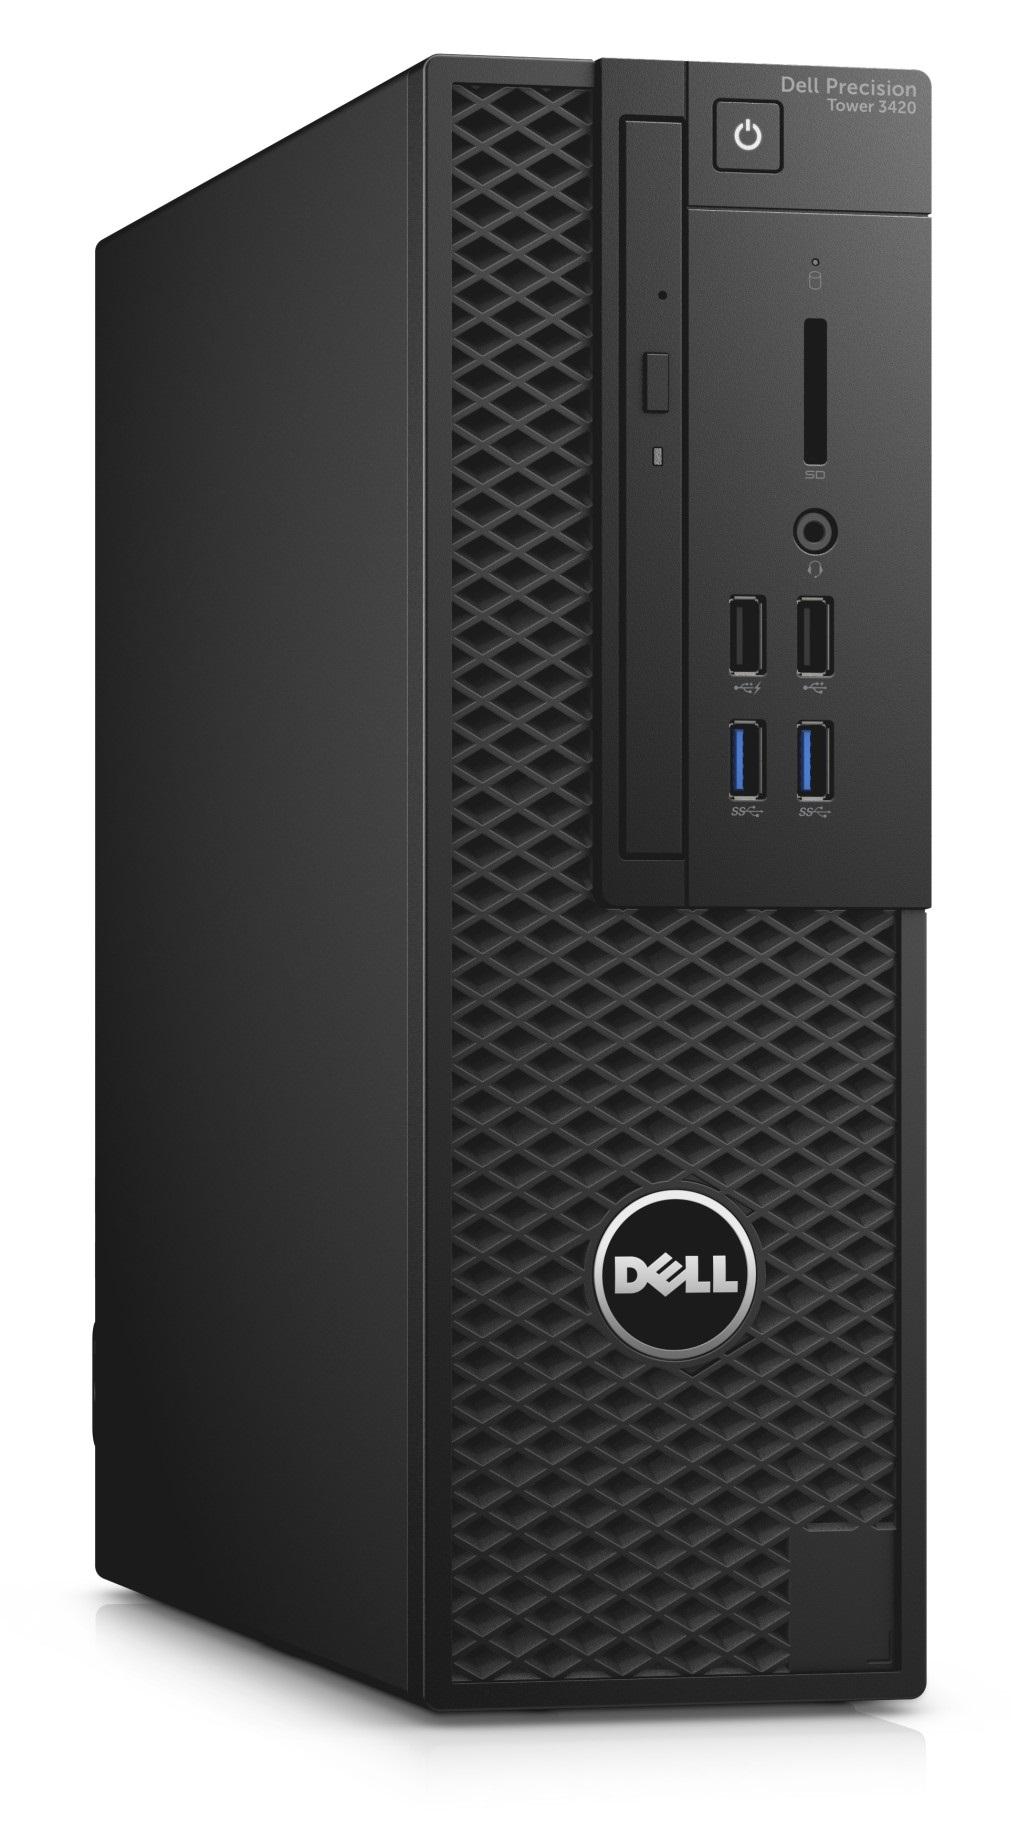 DELL Precision T3420 E3-1240 v5/16GB/256GB/1TB/4GB Quadro K1200/DVDRW/klávesnice+myš/Win 7/10 Pro